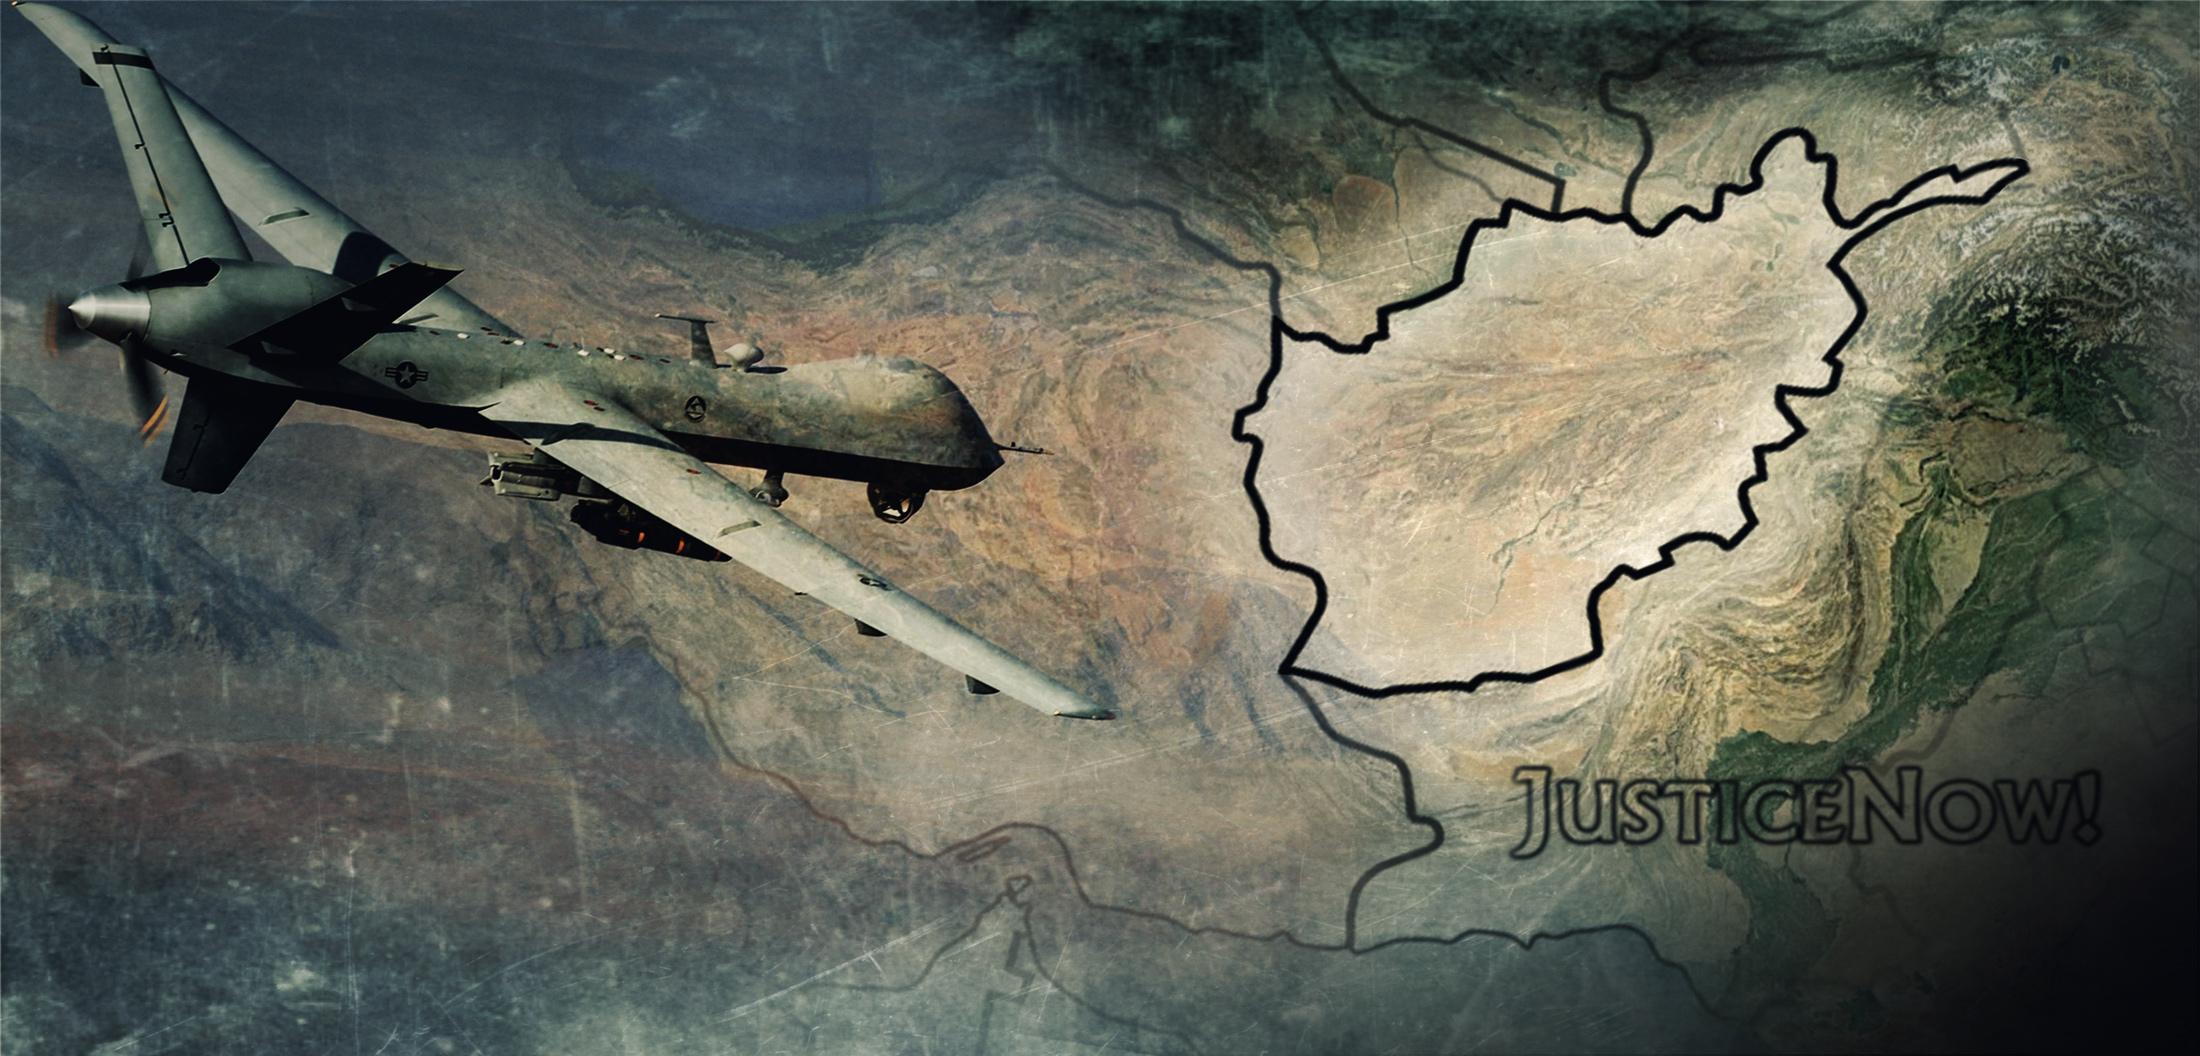 US-Drohne tötet 5 Zivilisten in Afghanistan – und deutsche Medien schweigen